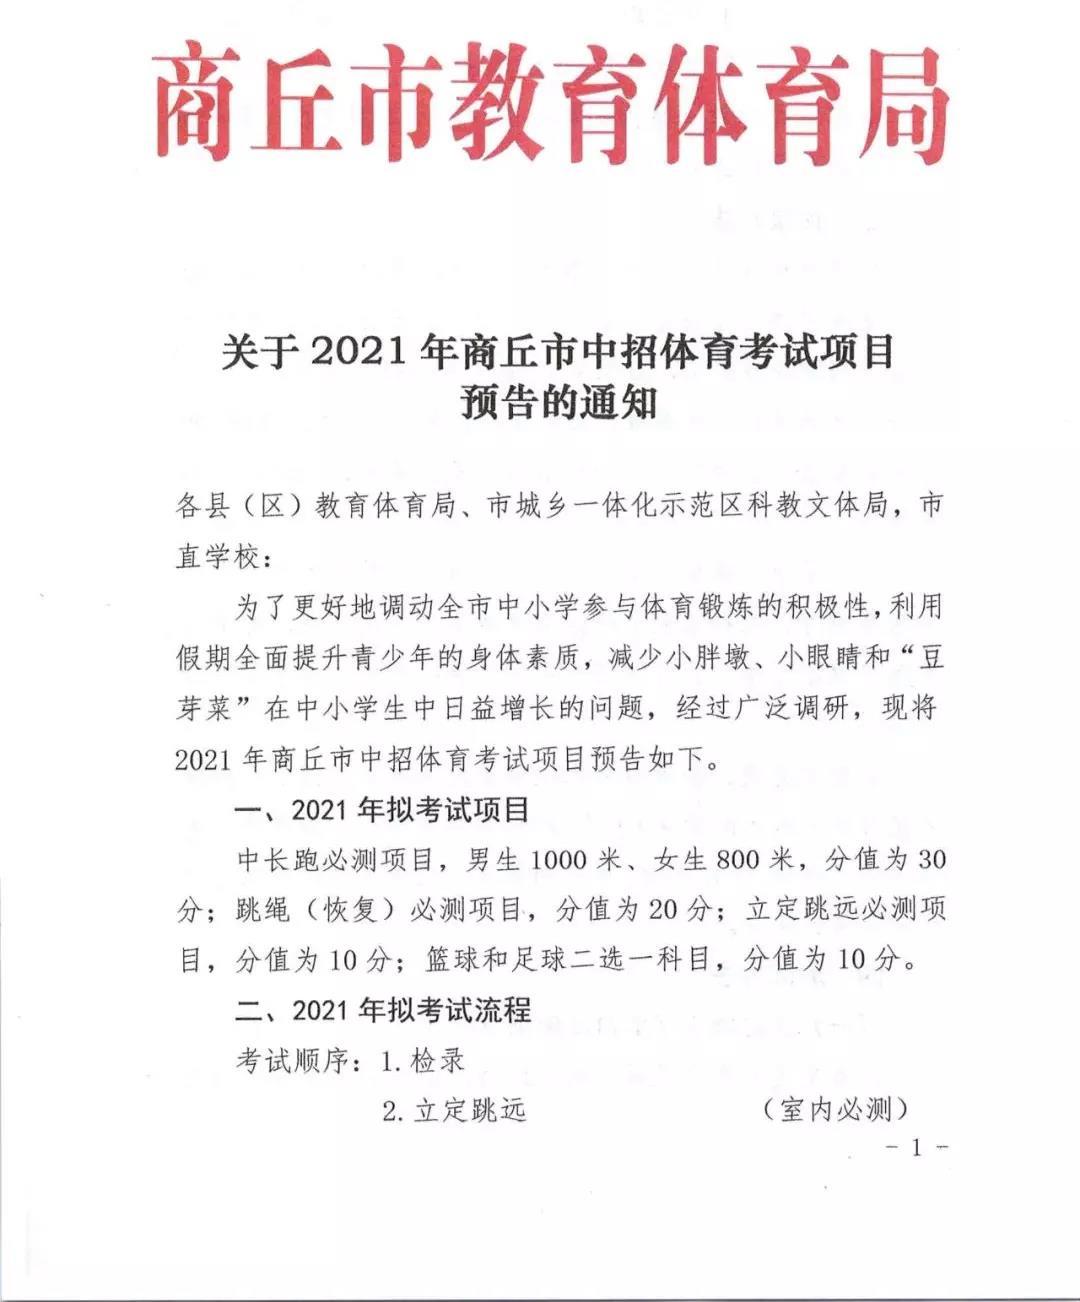 河南省商丘市教育体育局公布2021年中考体育项目通知